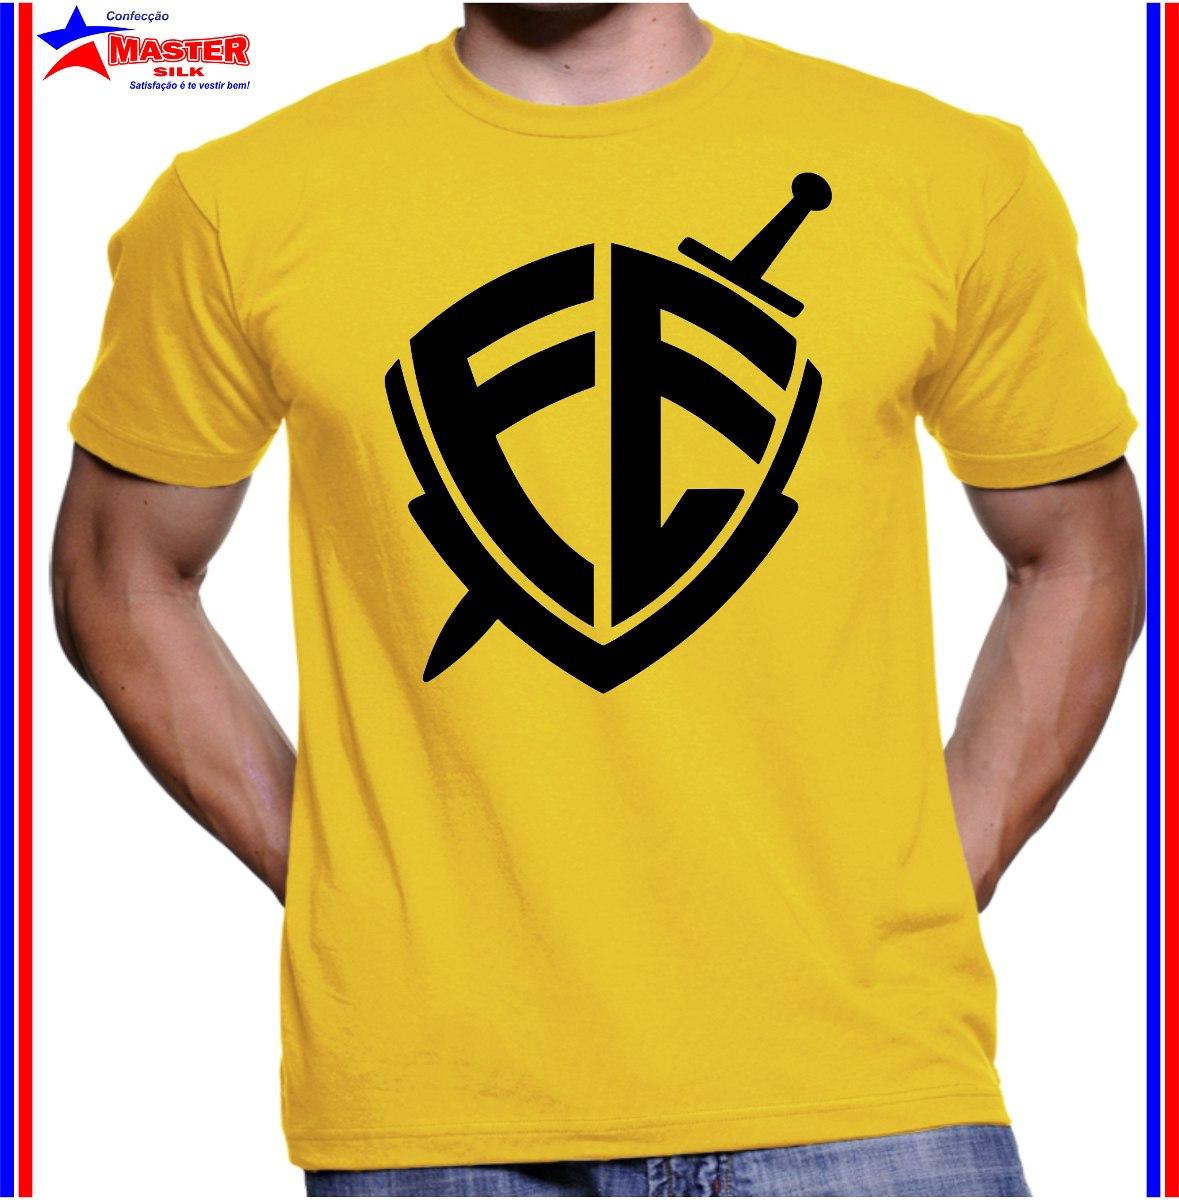 0addc56e0 Camiseta Camisa Religiosa Escudo Armadura Da Fé Em Deus Pai - R$ 42 ...